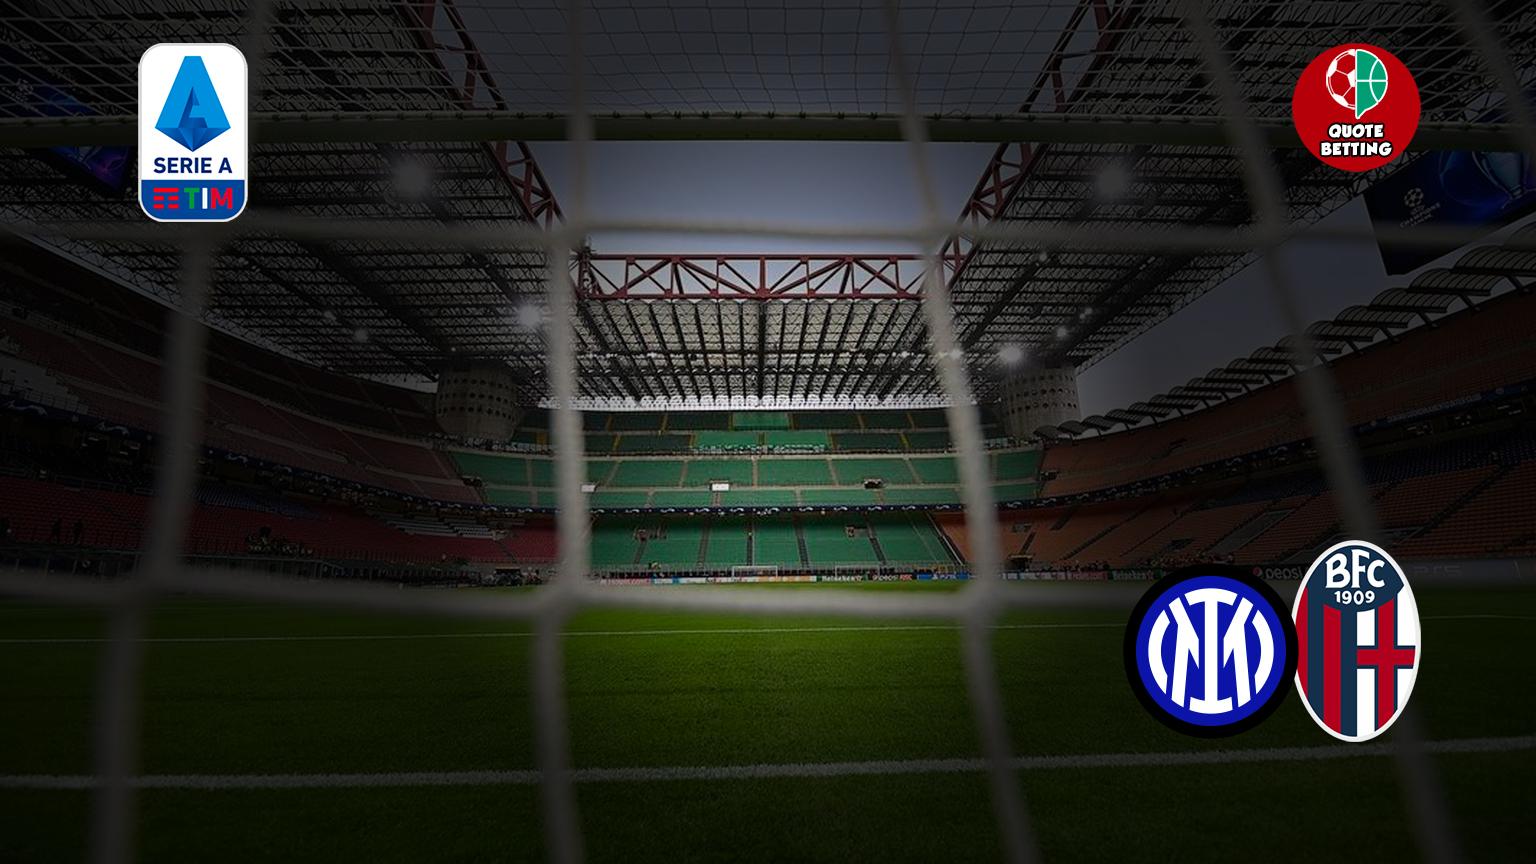 quote inter bologna dove vedere in tv formazioni pronostico quota serie a scommesse calcio italia stadio san siro meazza fc internazionale